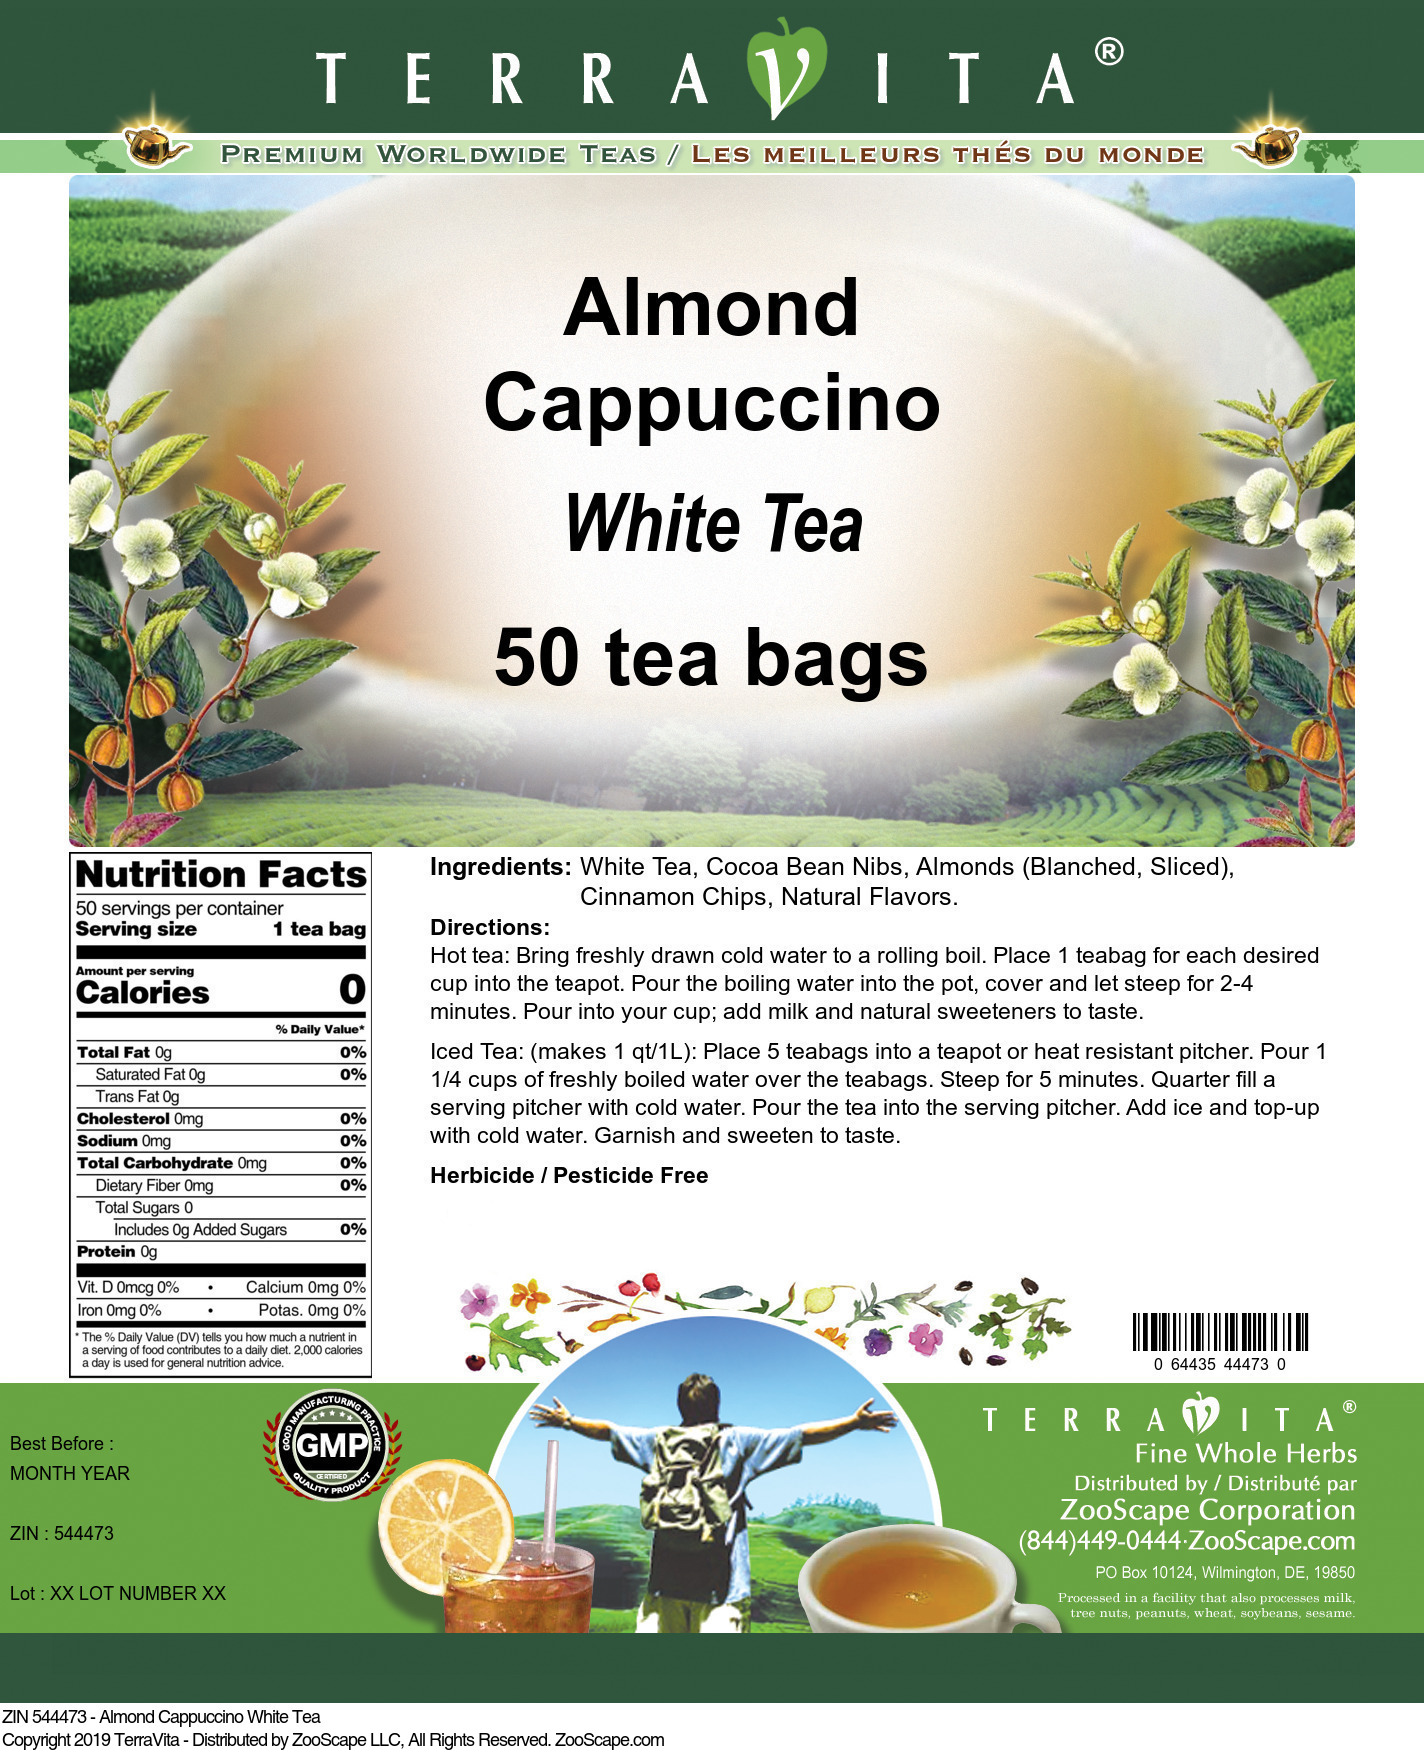 Almond Cappuccino White Tea